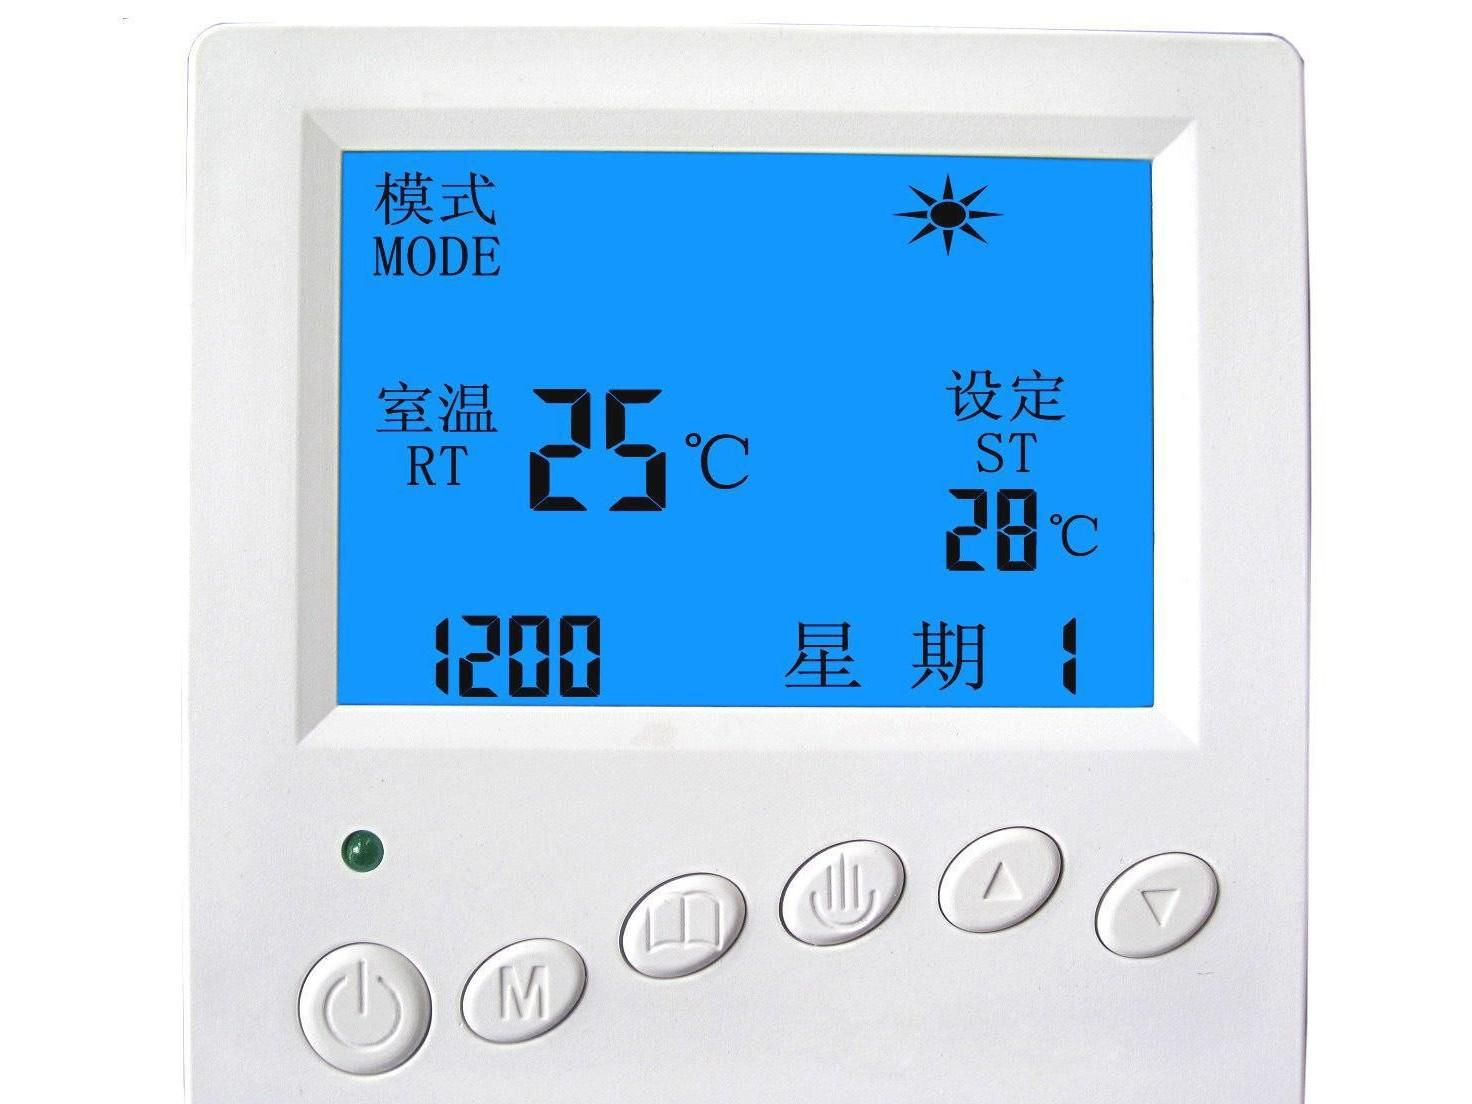 温控面板如何申请3C认证呢?